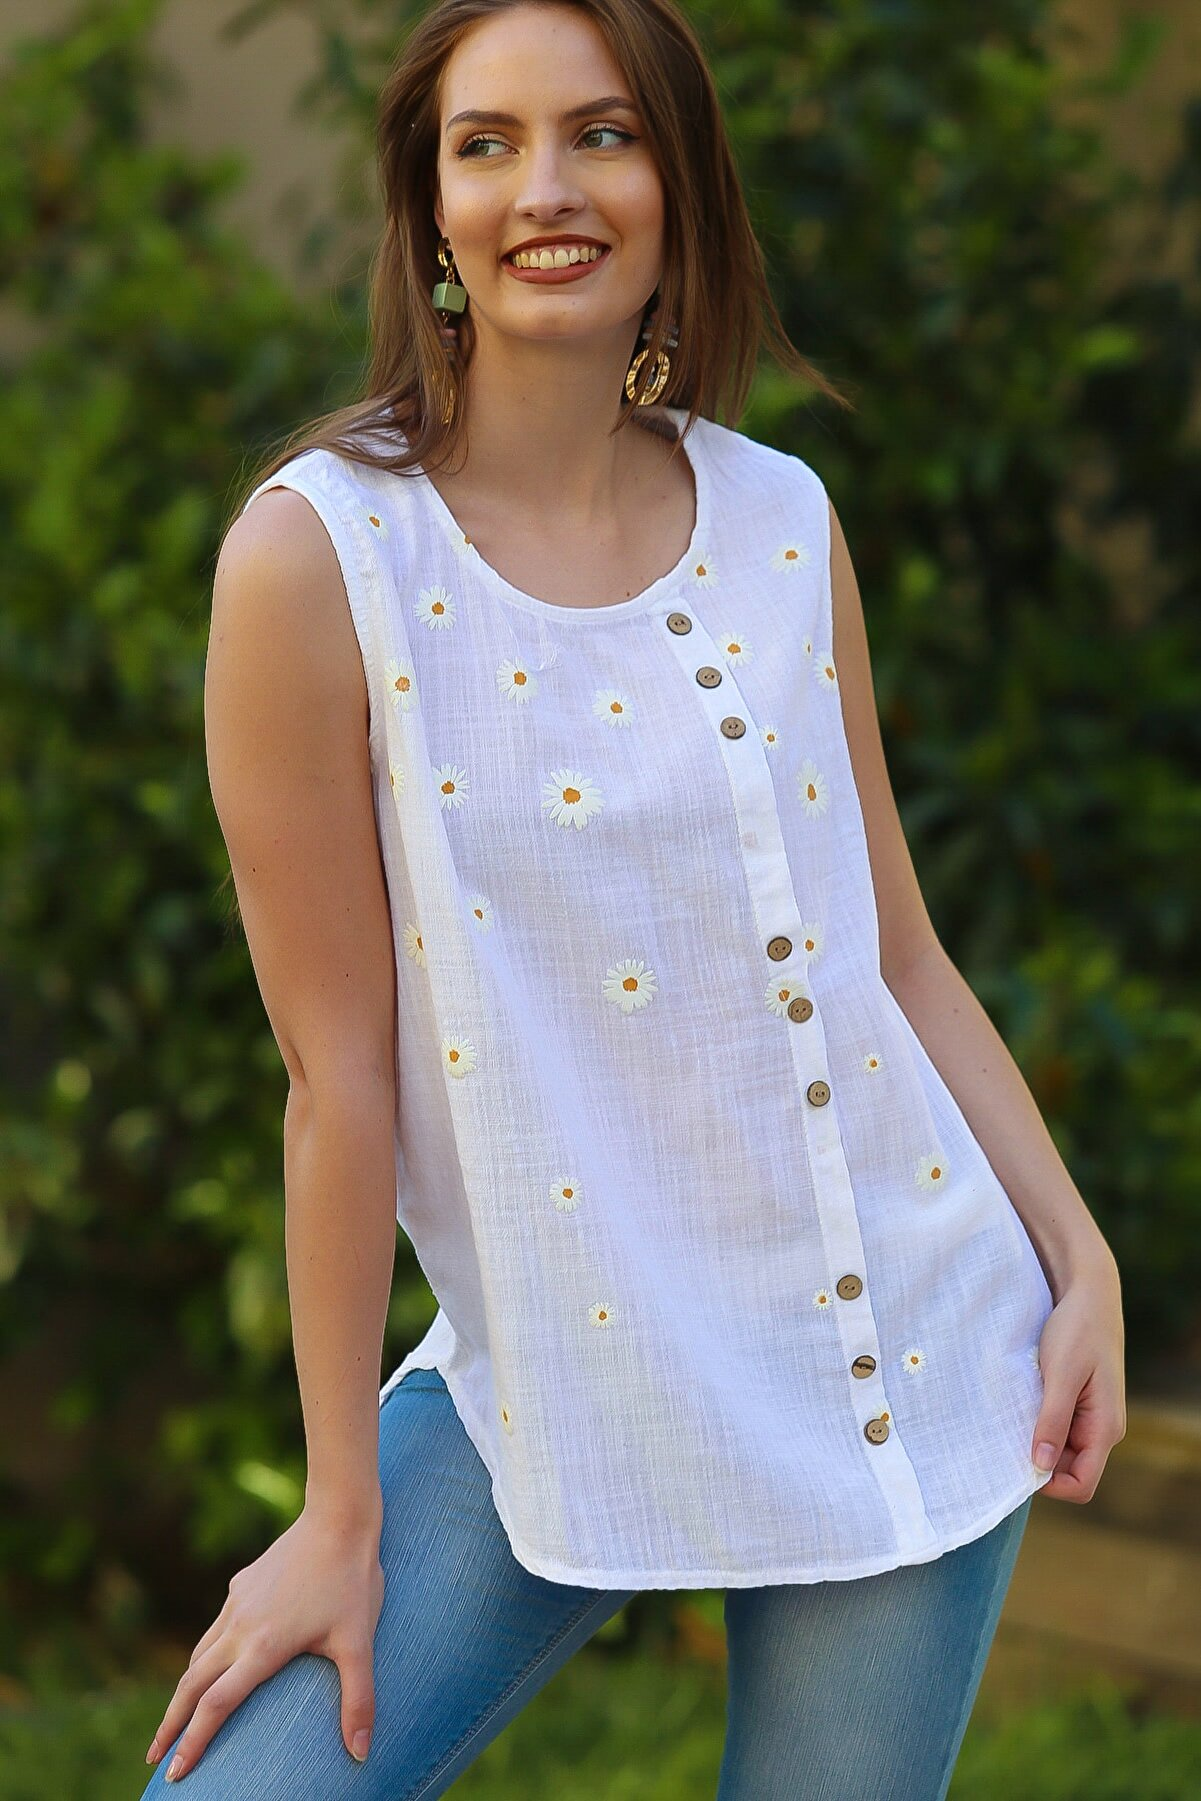 Chiccy Kadın Beyaz Sıfır Yaka Papatya Baskılı Düğme Detaylı Kolsuz Dokuma Bluz M10010200BL95325